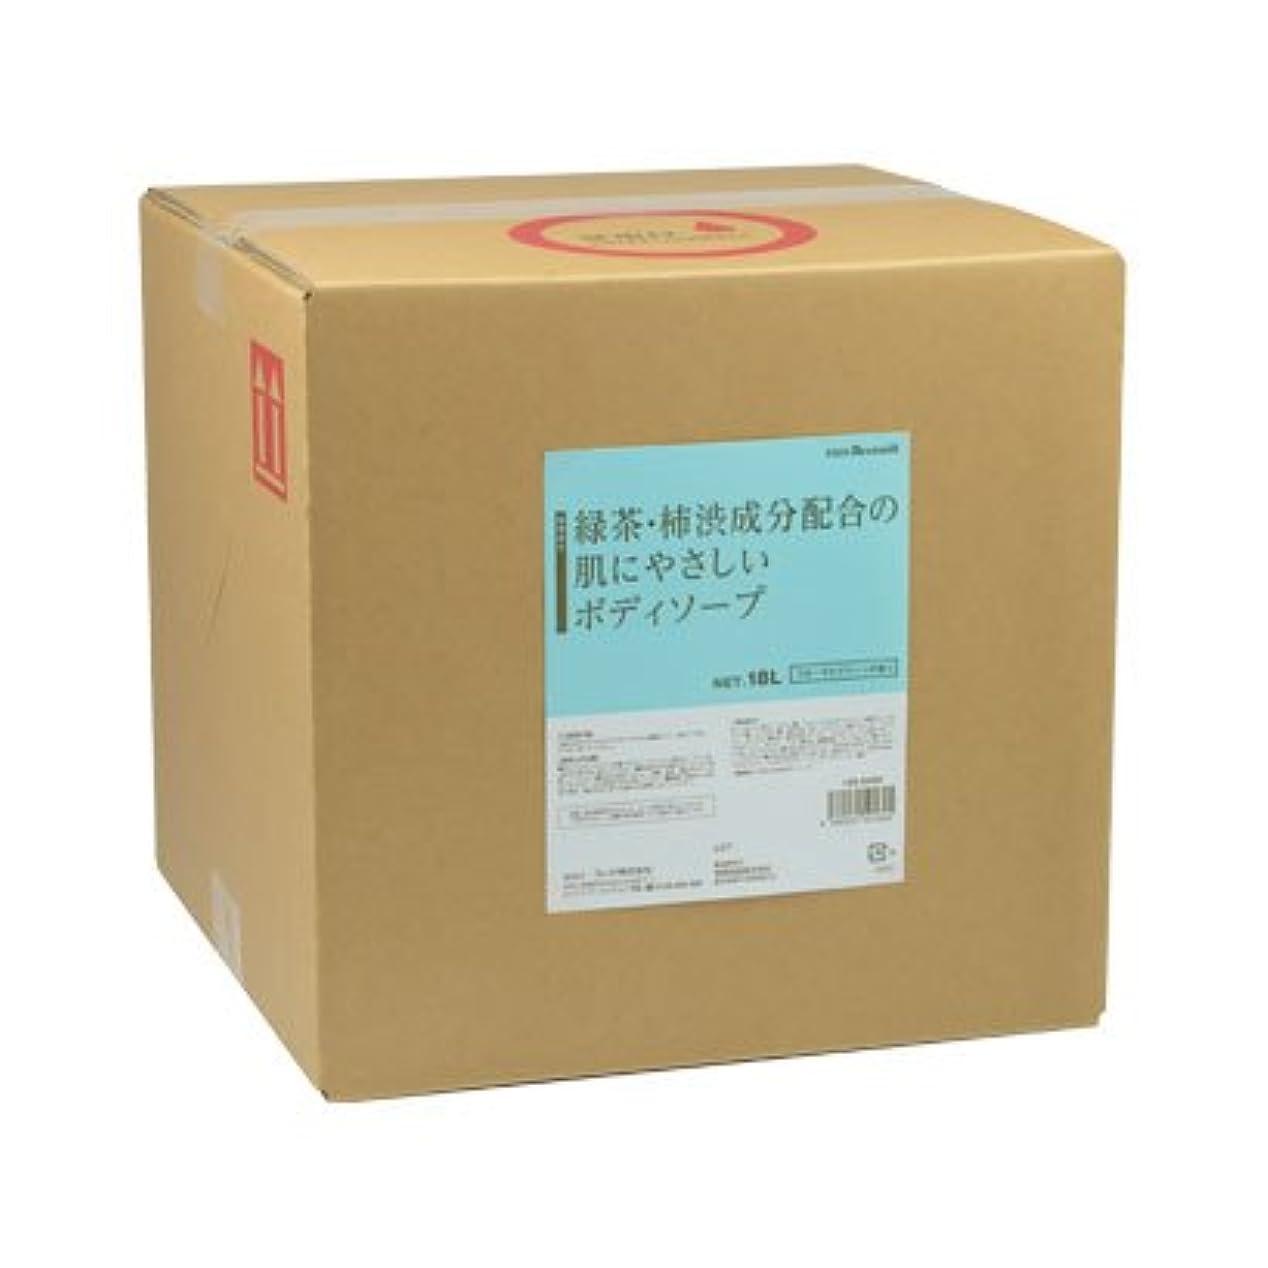 うめきナチュラルシャー【業務用】 FEED(フィード) 緑茶?柿渋成分配合の肌にやさしいボディソープ/18L 石けん 入数 1ケース